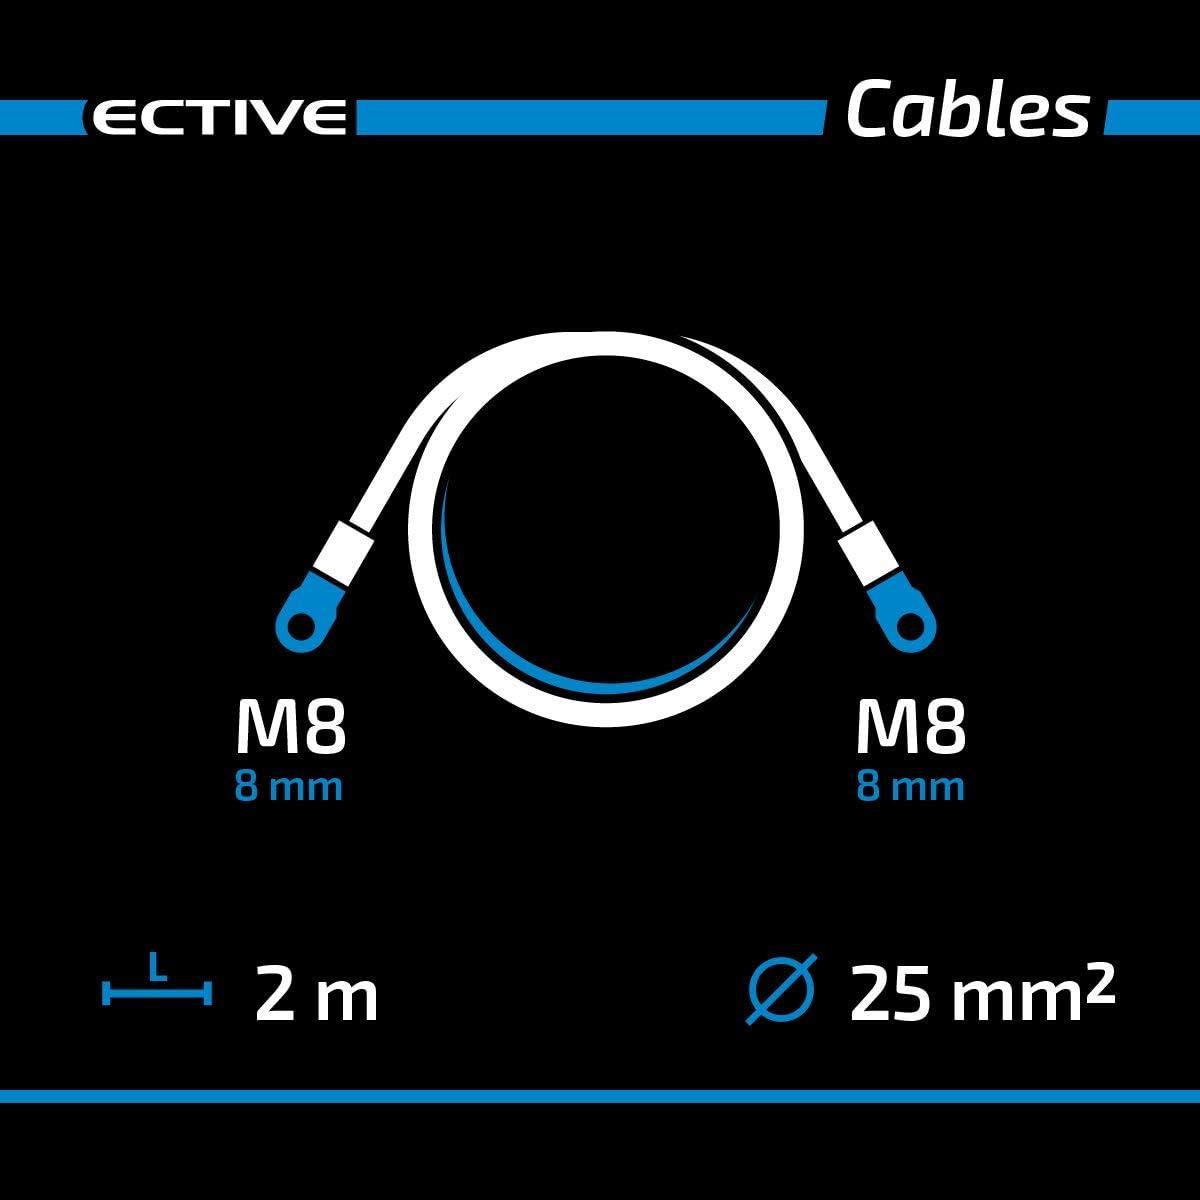 Wechselrichter ECTIVE Batterie-Kabel 25 mm/² M8//M8 2m Kabel-Satz rot und schwarz universell f/ür bspw